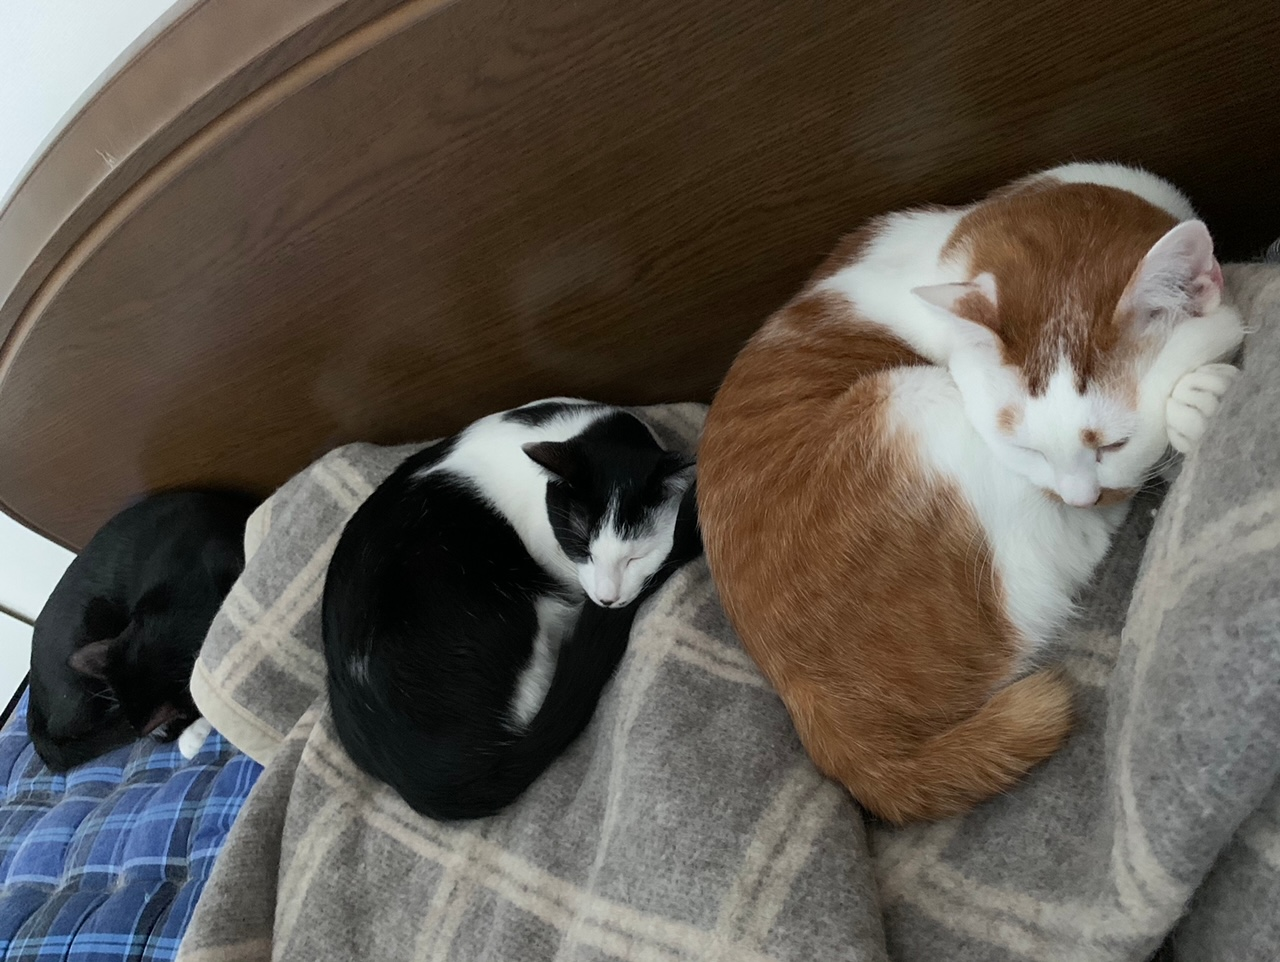 ラビ・ルウ・ベルくんが猫だんごになって眠っている様子